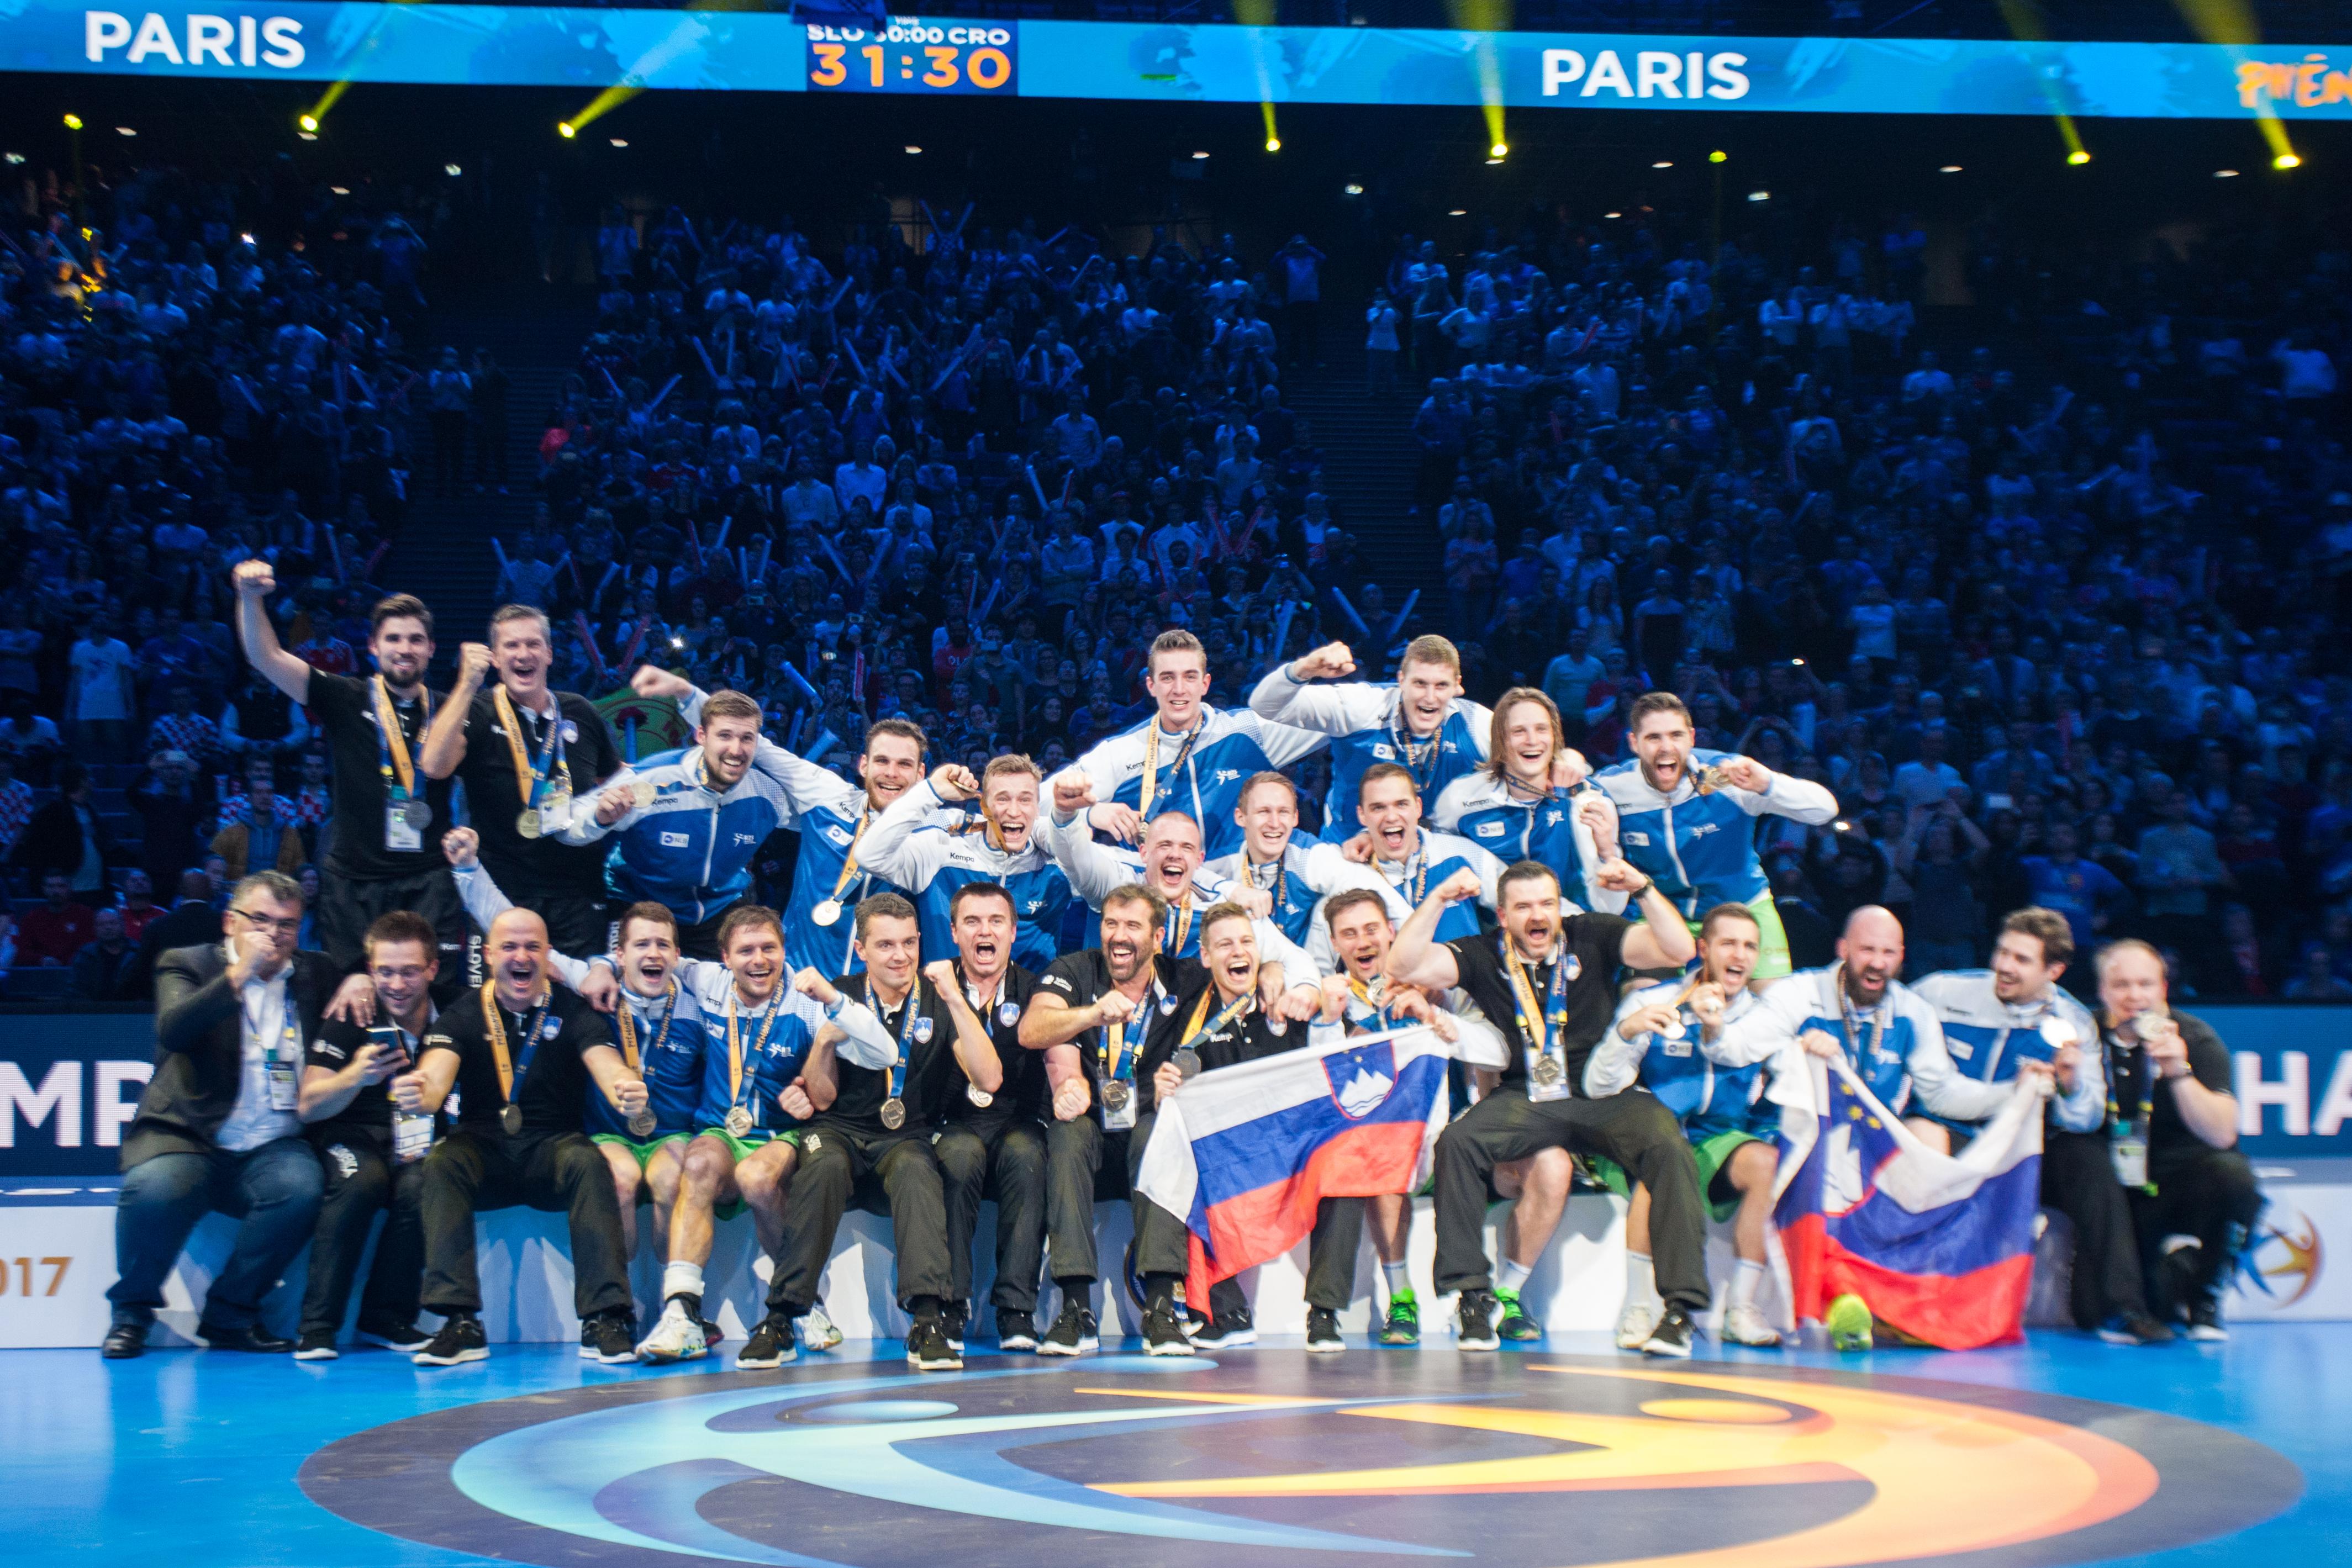 Slovenia vant bronsefinalen 31-30 mot Kroatia under VM Frankrike 2017 | Foto: Bjørn Kenneth Muggerud